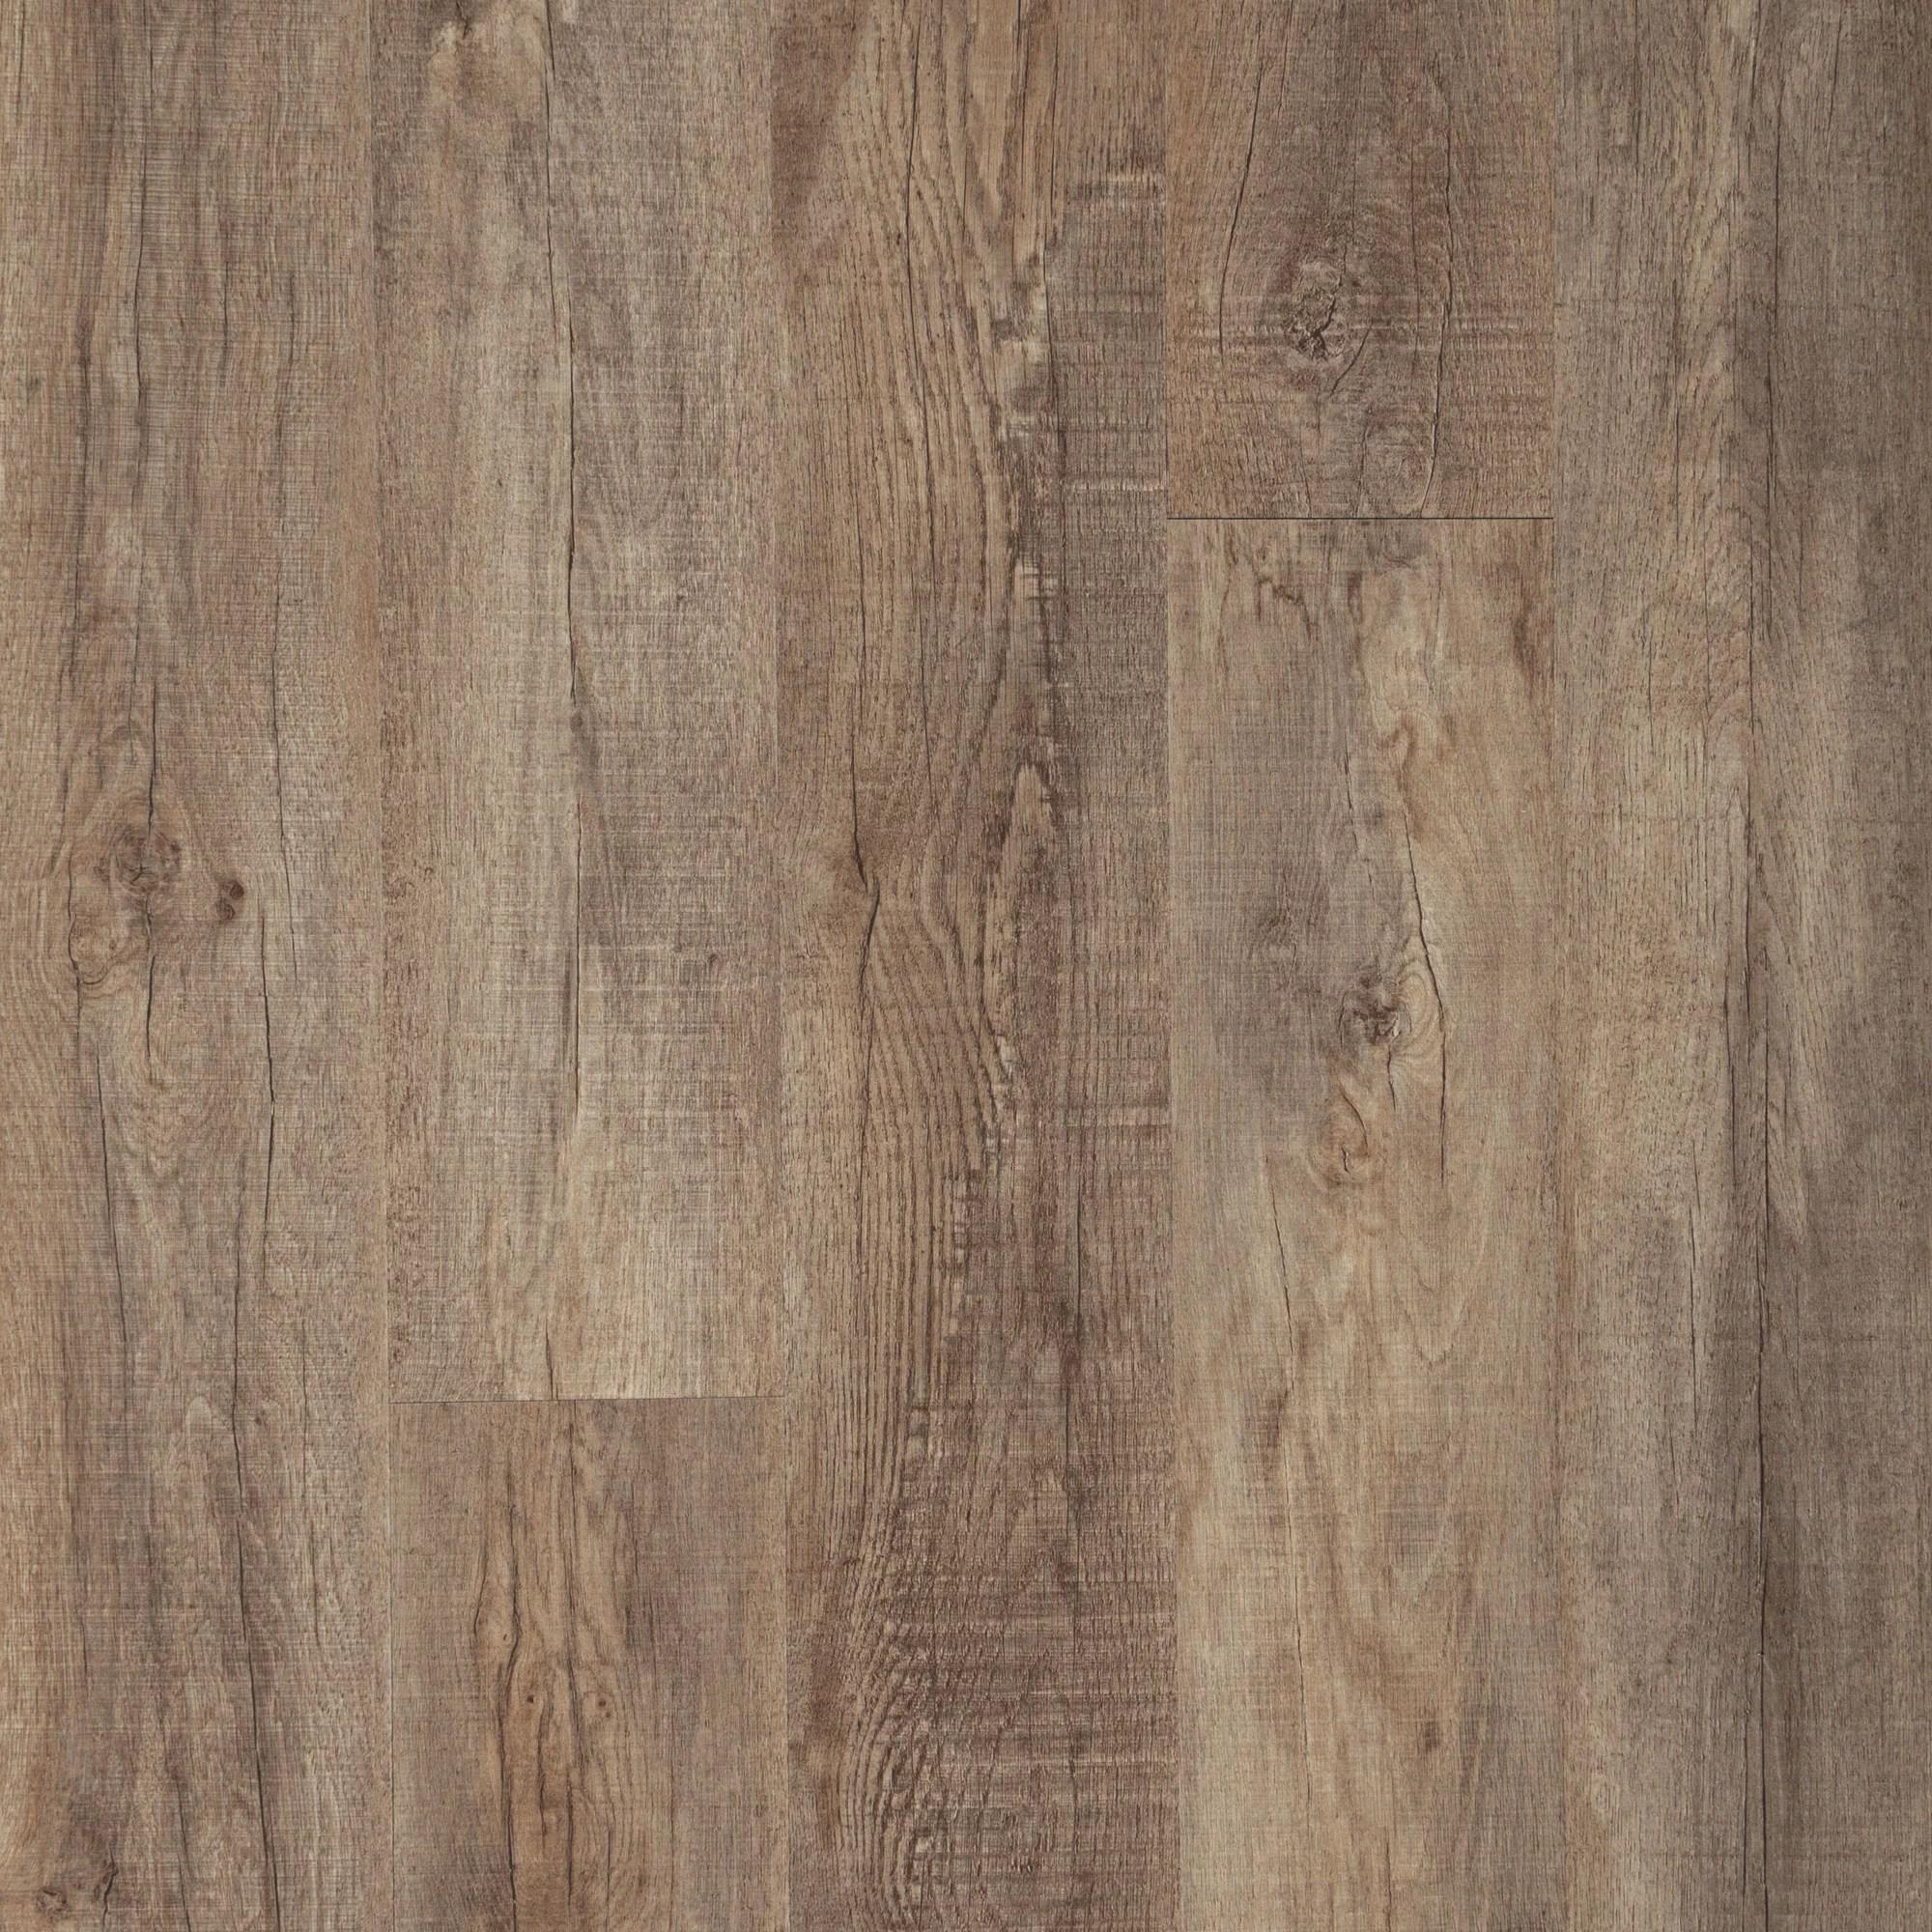 mohawk waterproof vinyl plank flooring briarwood oak 4 2 mm 6 x36 20 34 sqft carton